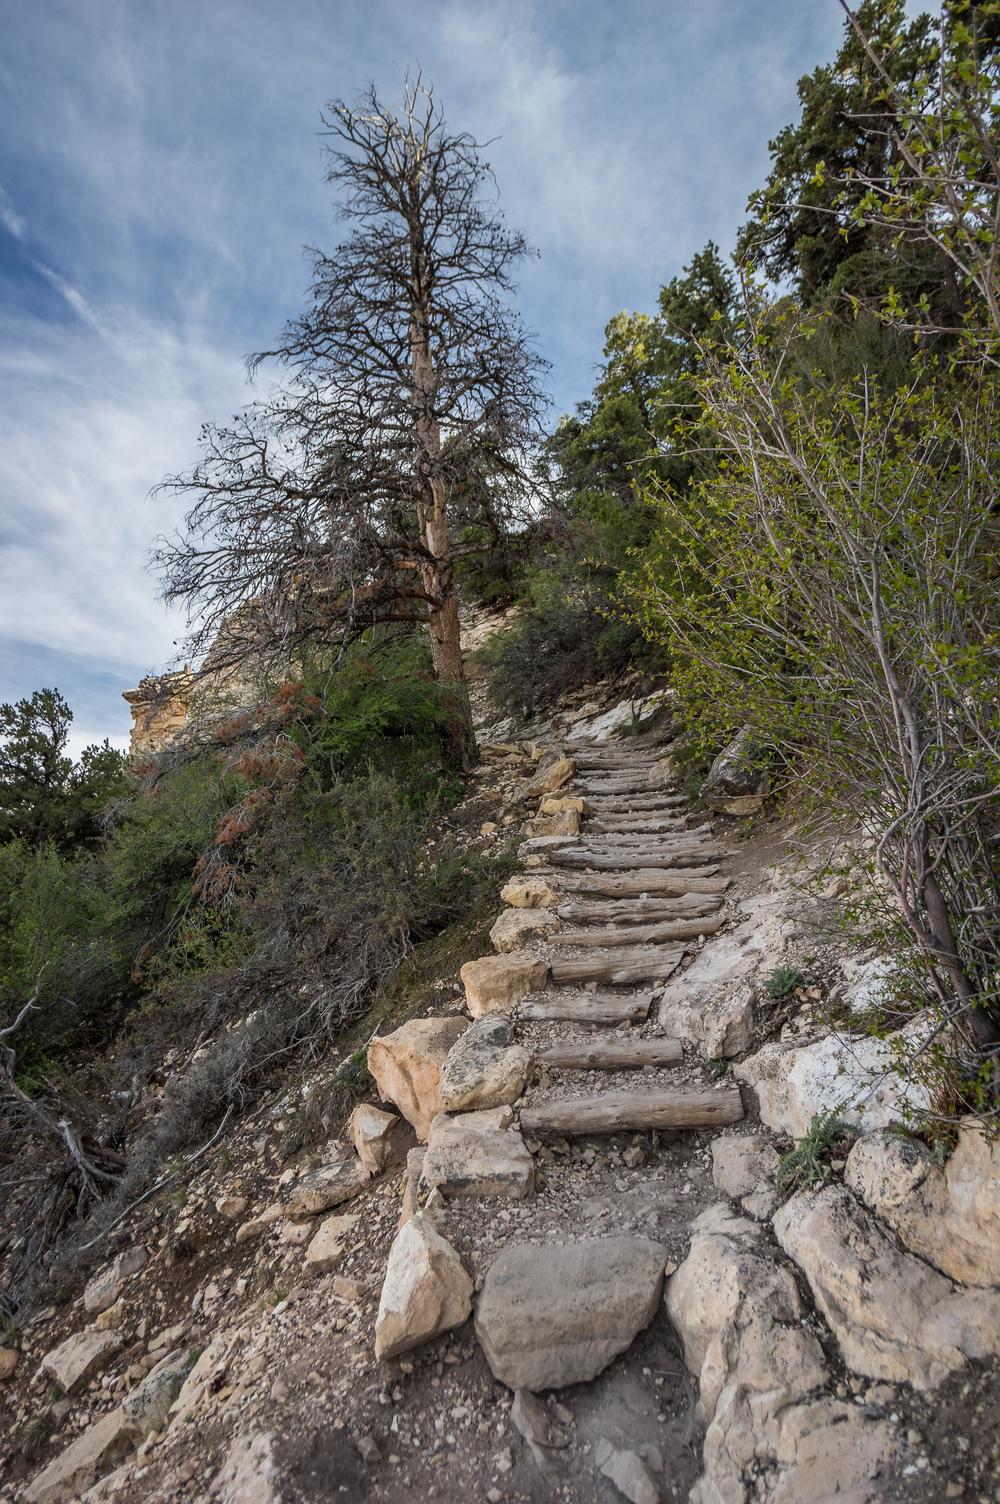 Ein Weg in die Tiefe. Die Wege zum Colorado sind recht gut ausgebaut.